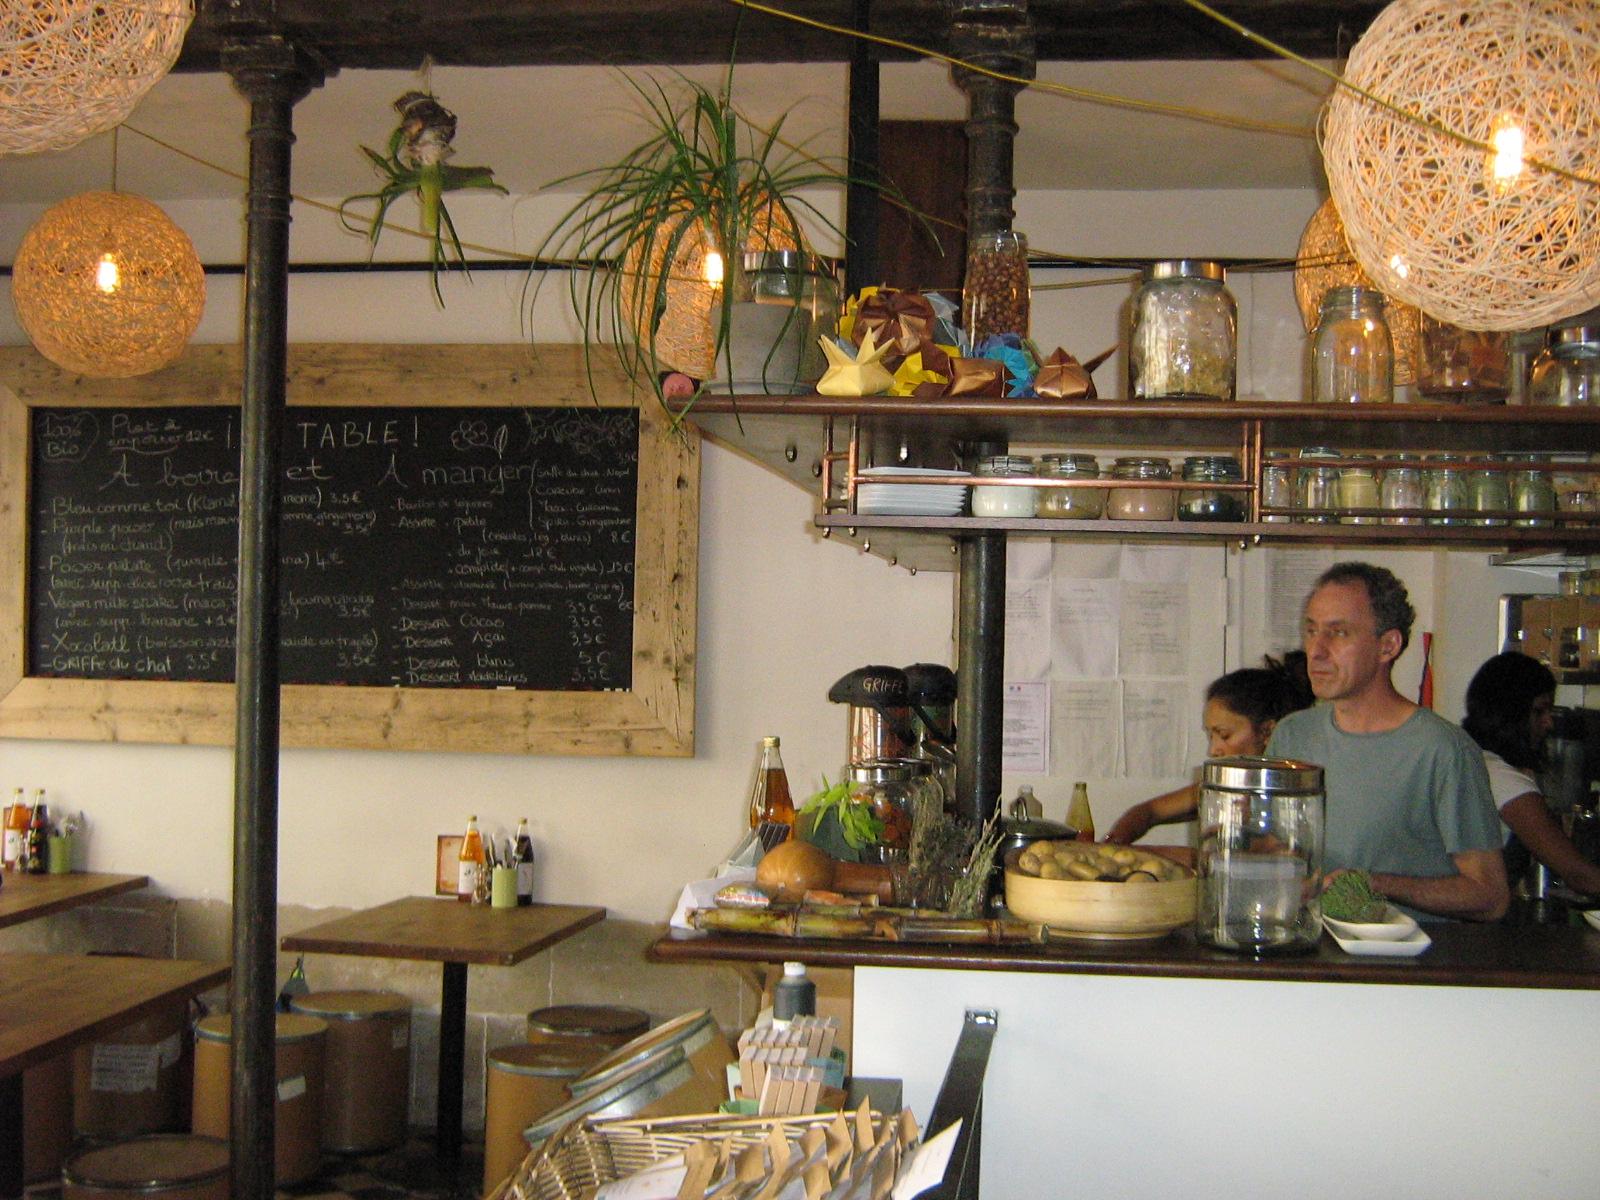 Bar des artisans voy alimento le concept restaurant sant de paris bien dans ma cuisine - Restaurant rue des vinaigriers ...